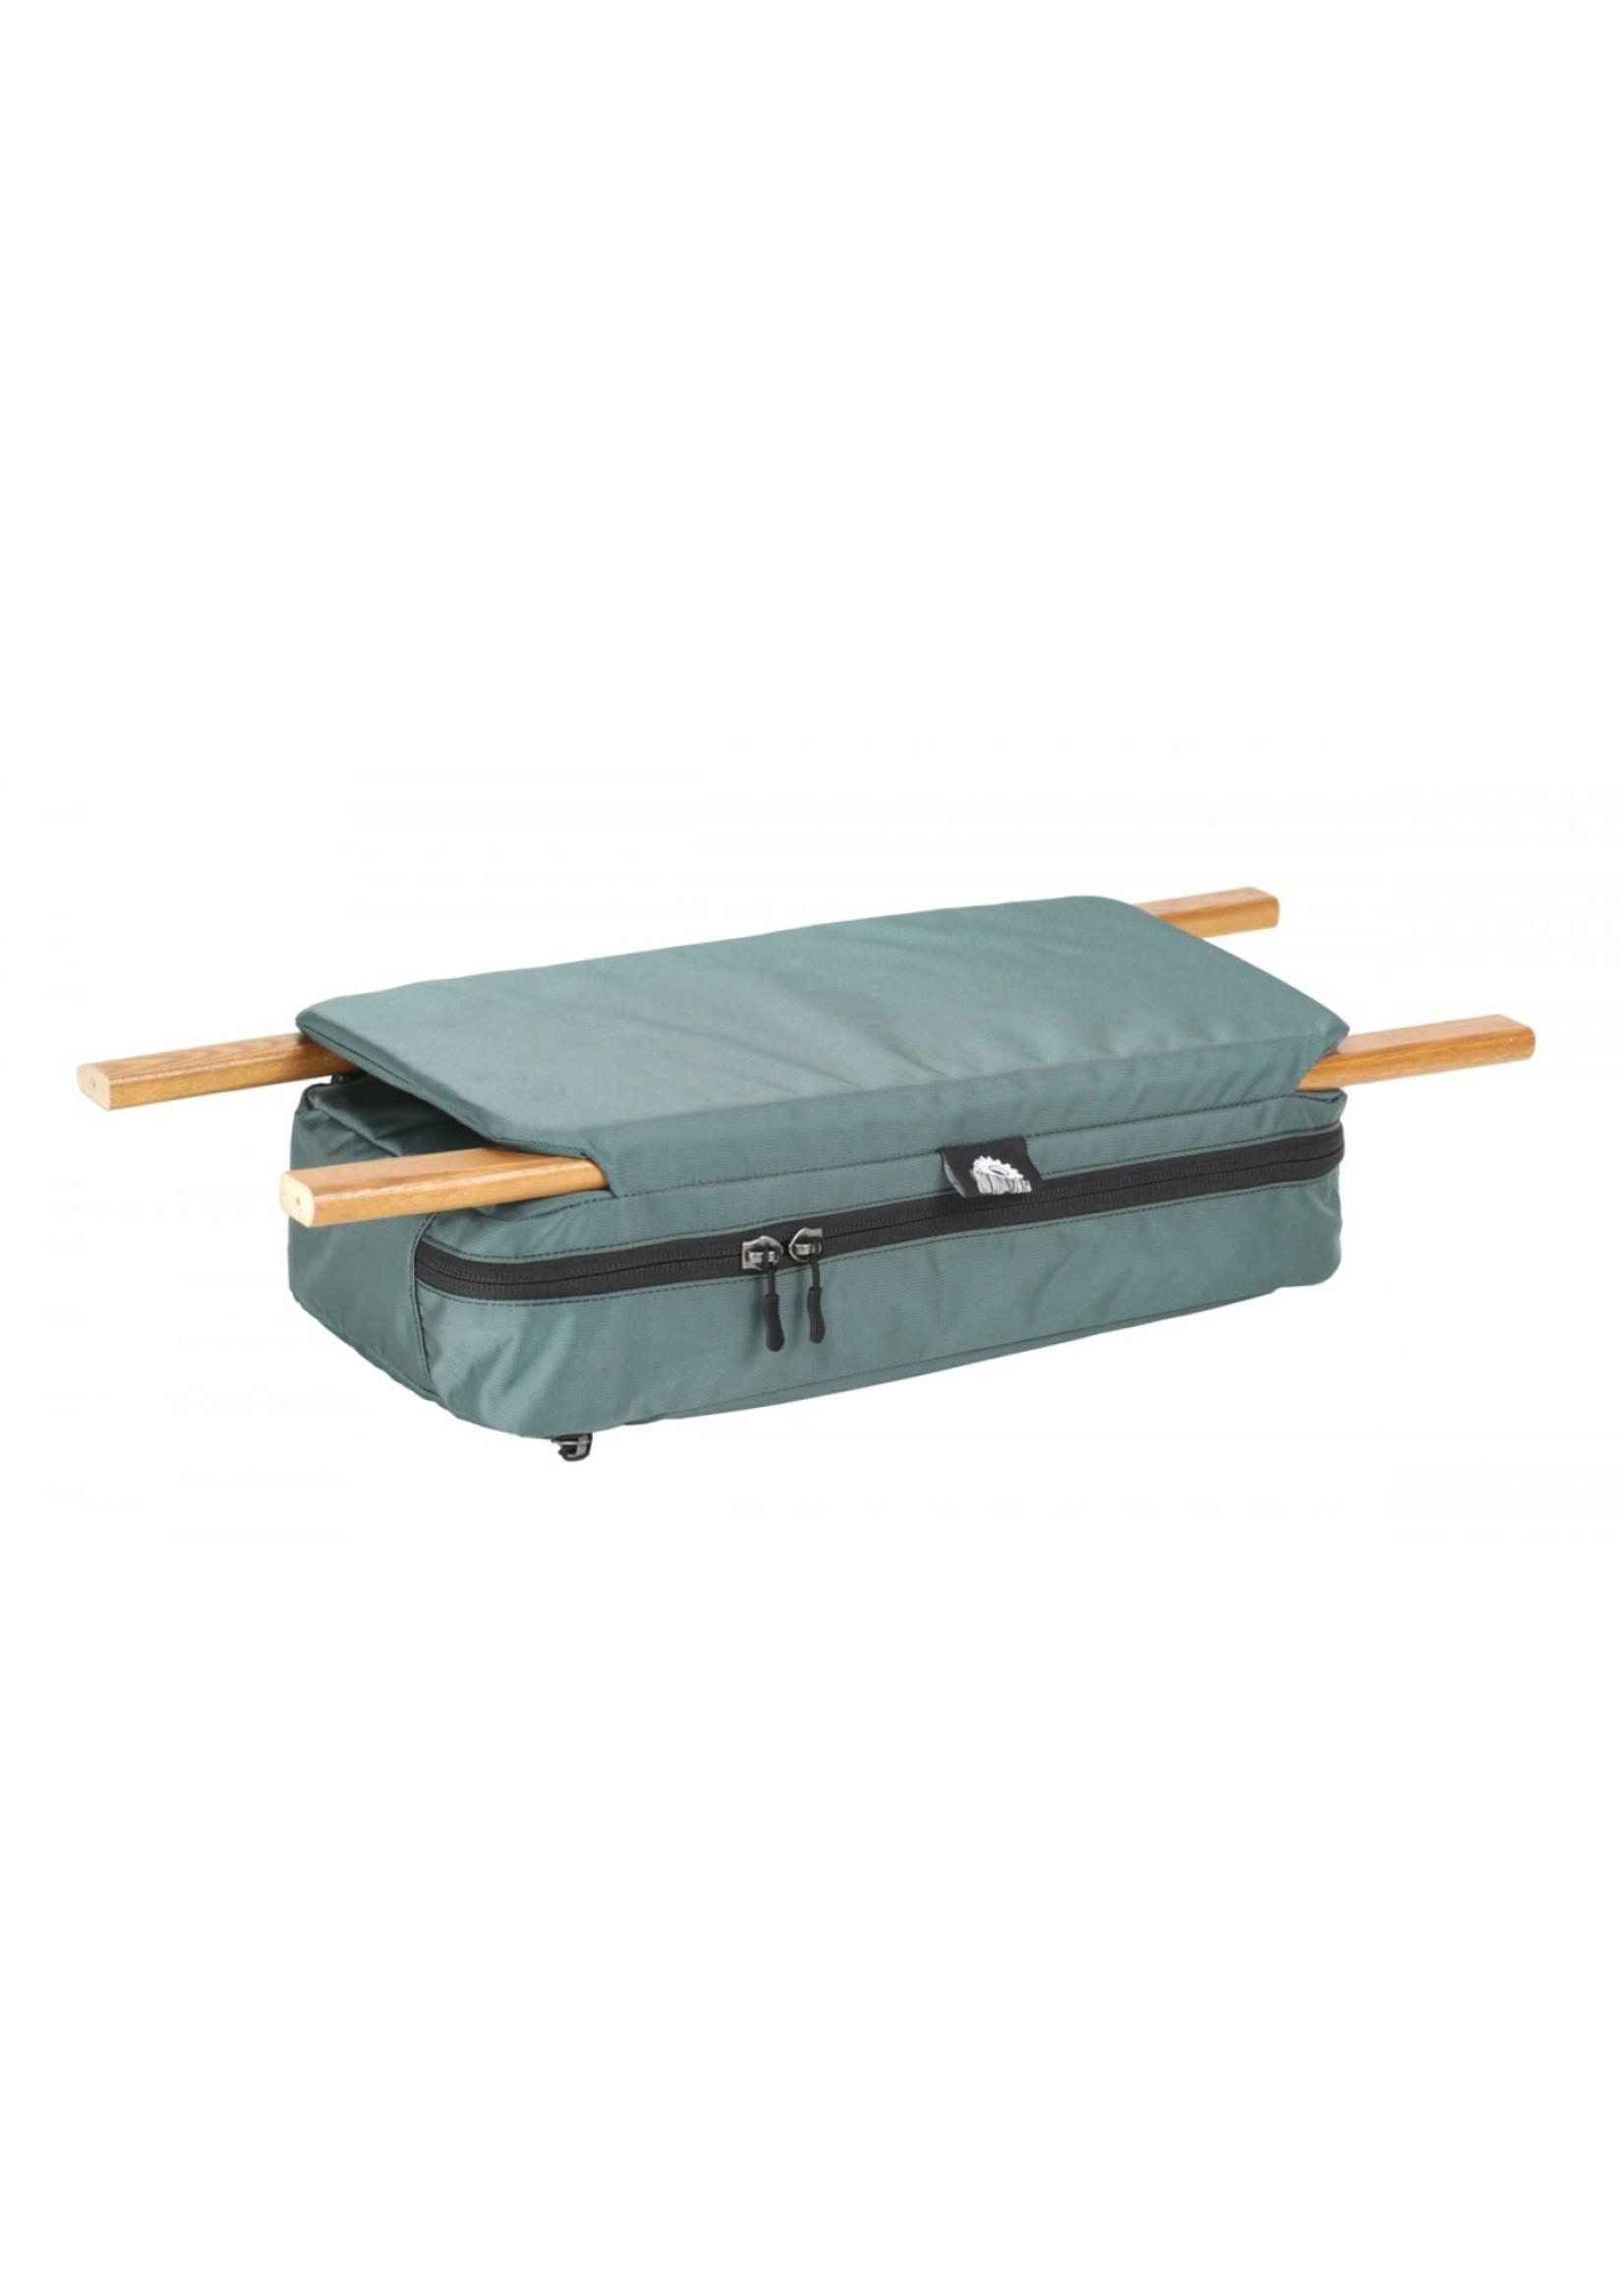 Granite Gear Granite Gear Stowaway Seat Packs Padded Smoke Blue 11.5 L